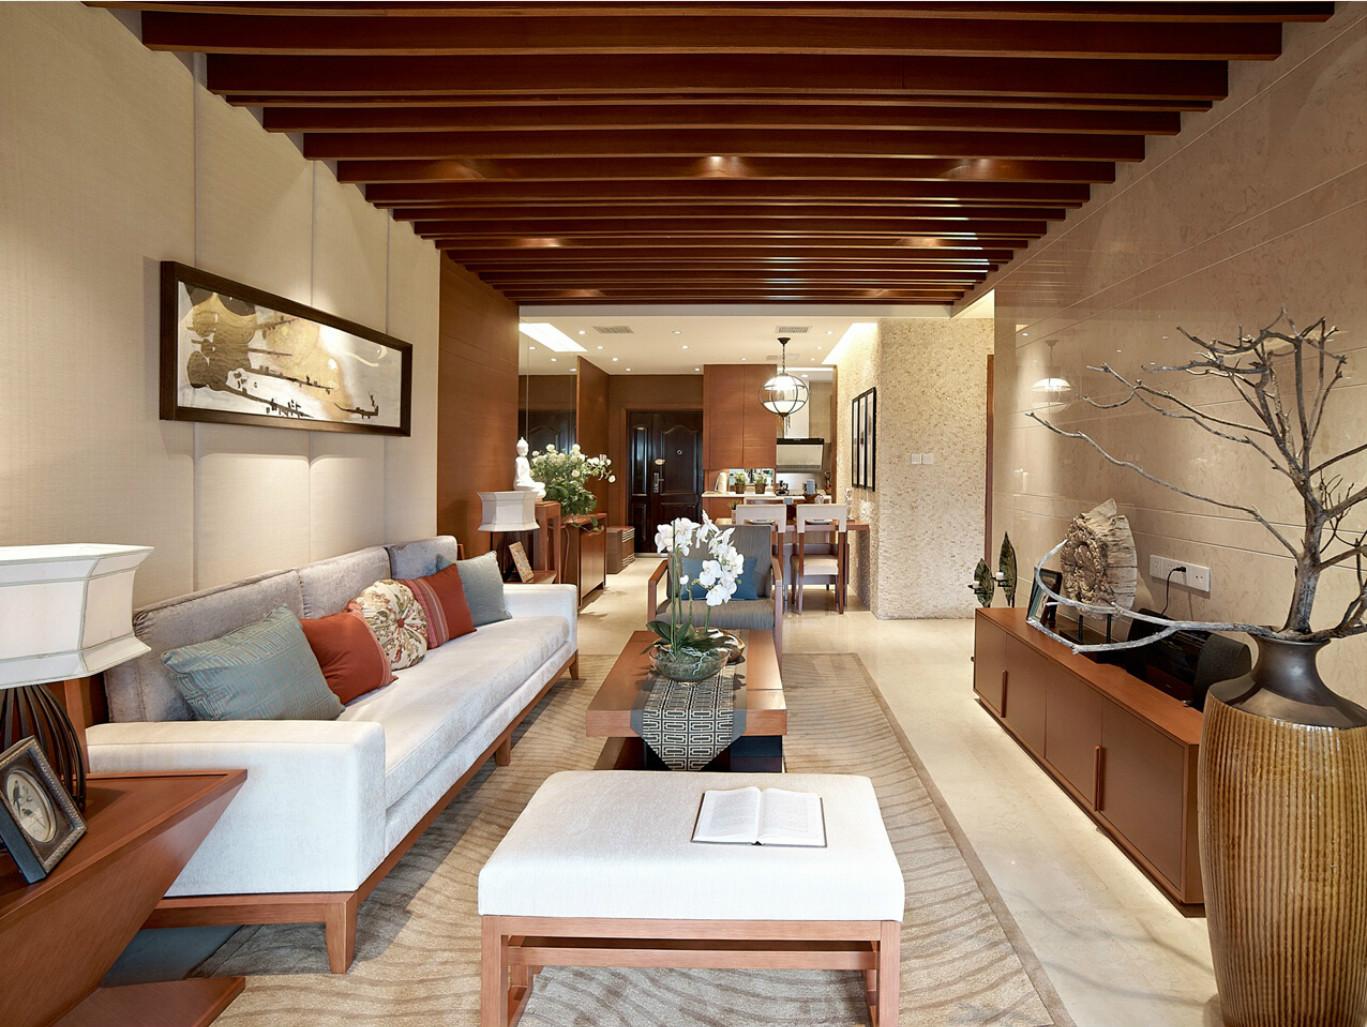 客厅电视柜与收纳柜构成一个完美的背景墙